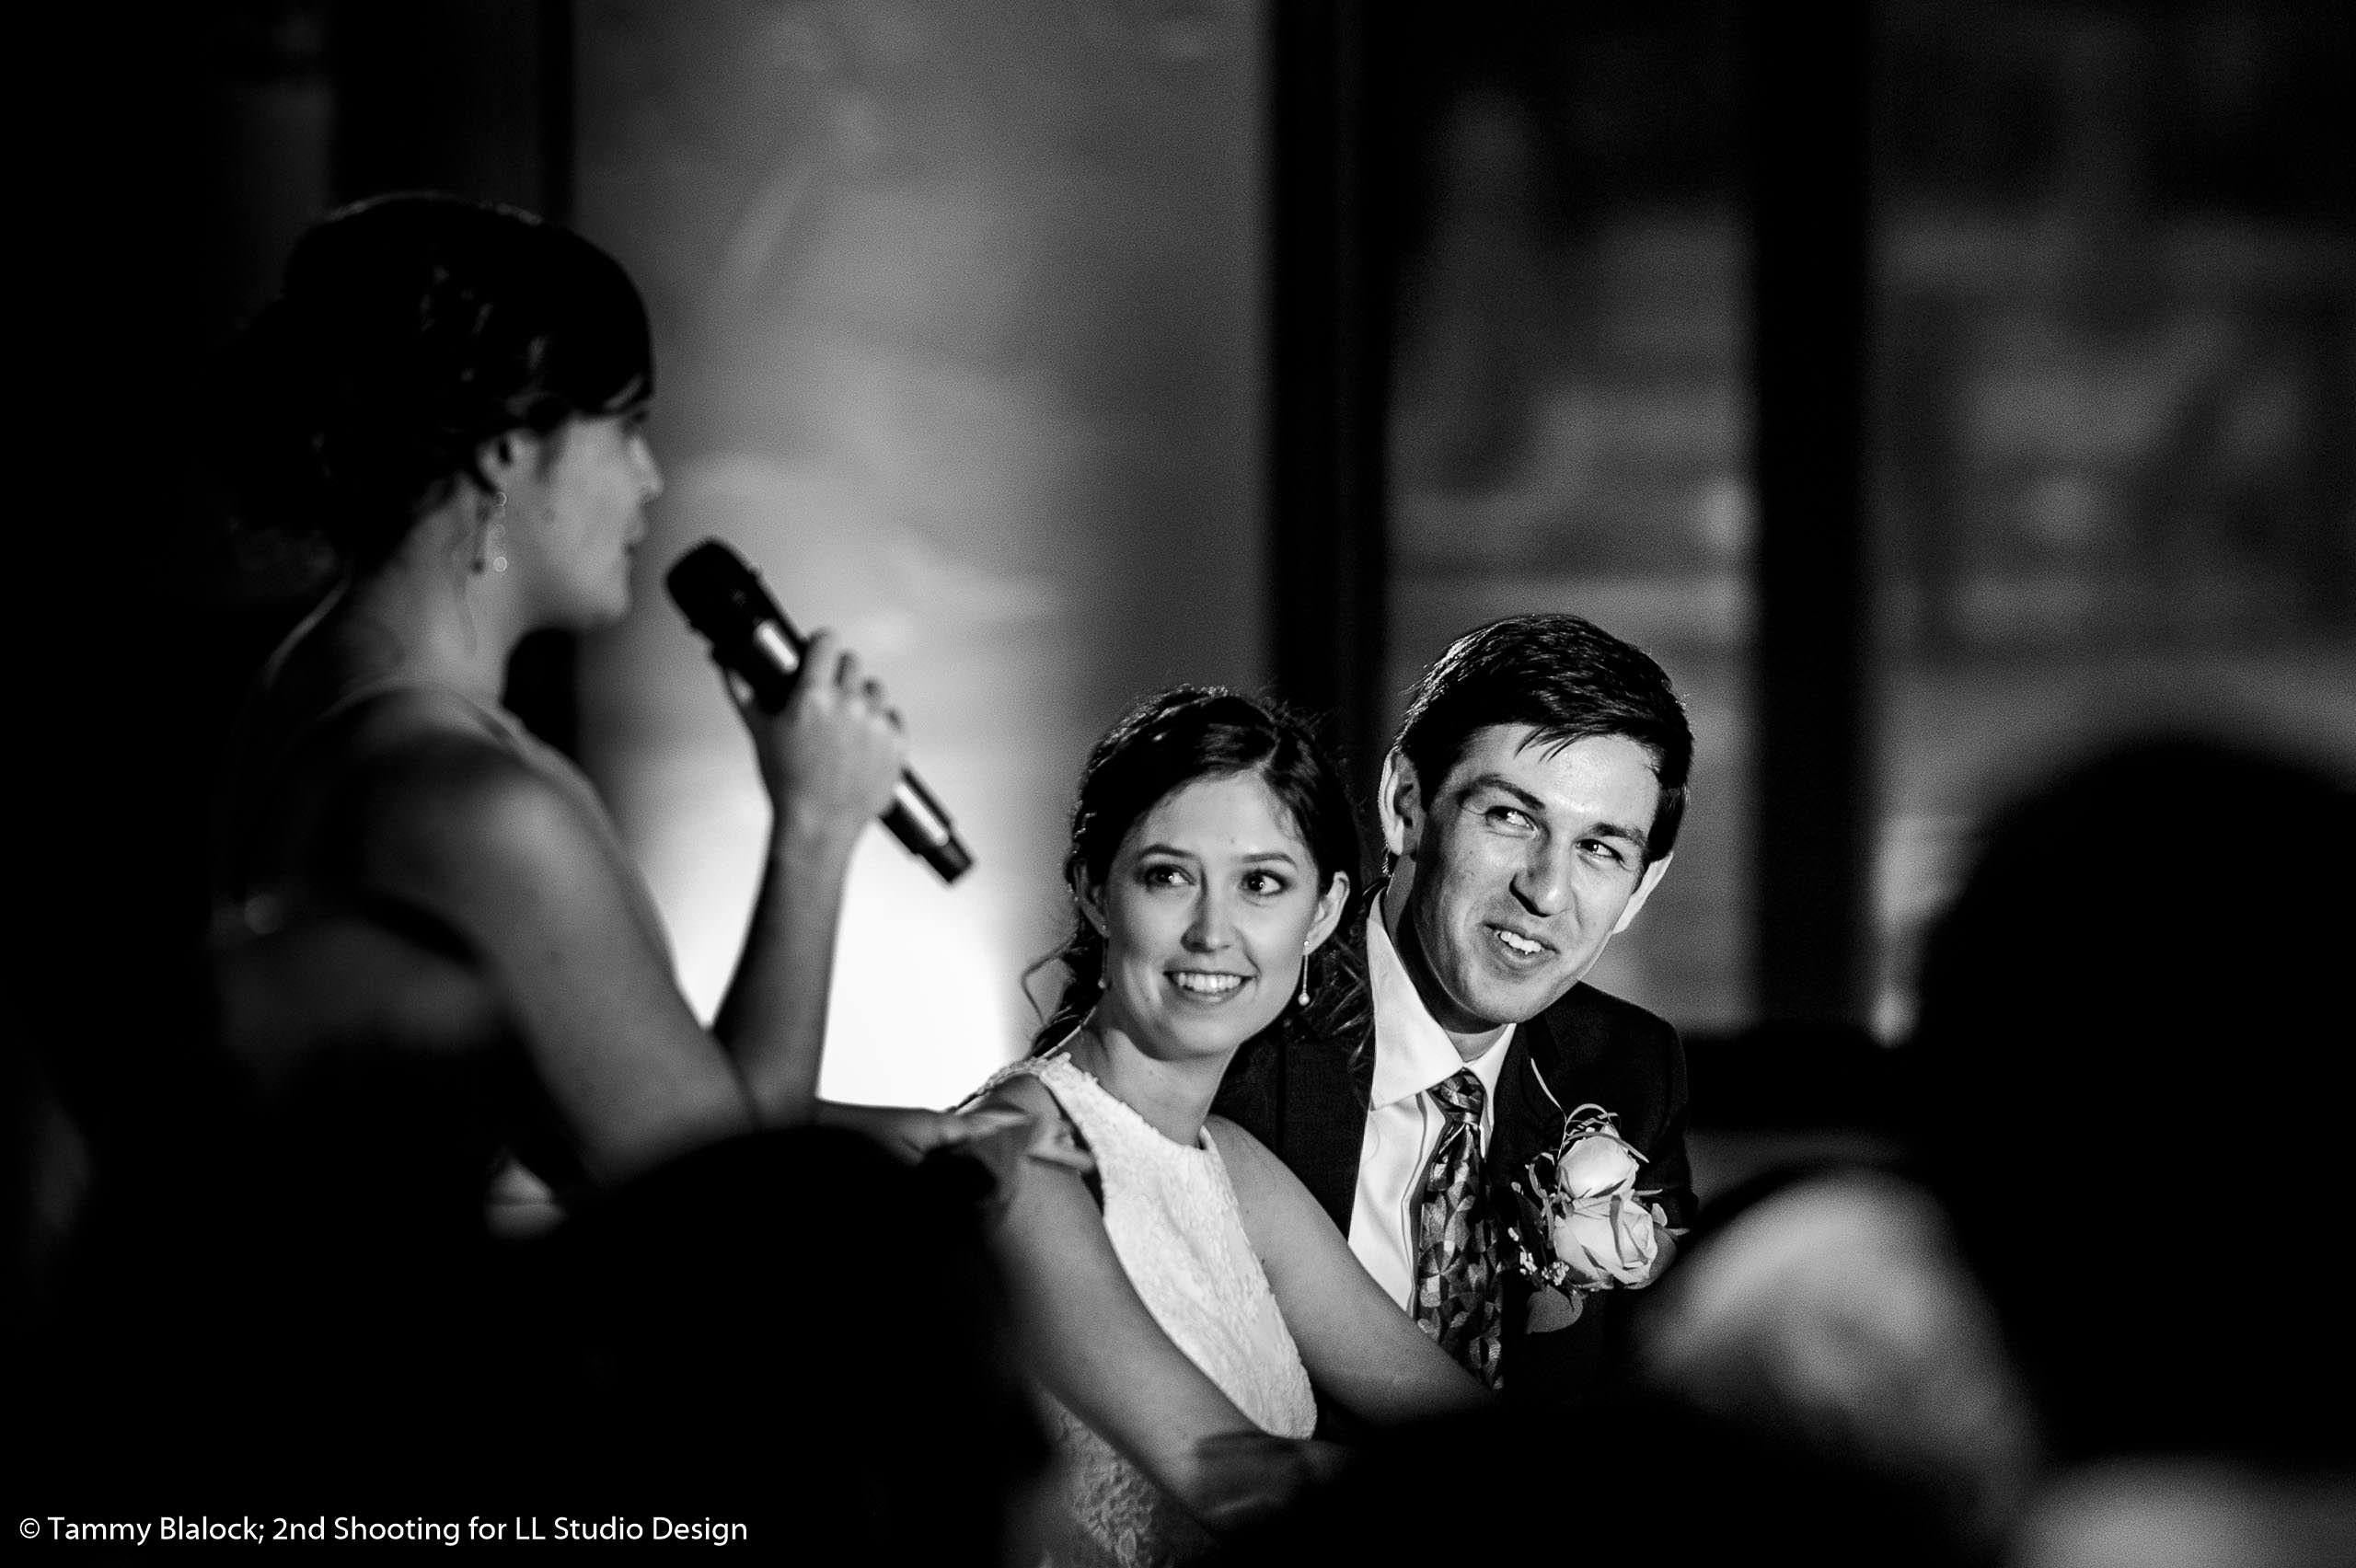 san-antonio-wedding-photographers-_4S16547-1